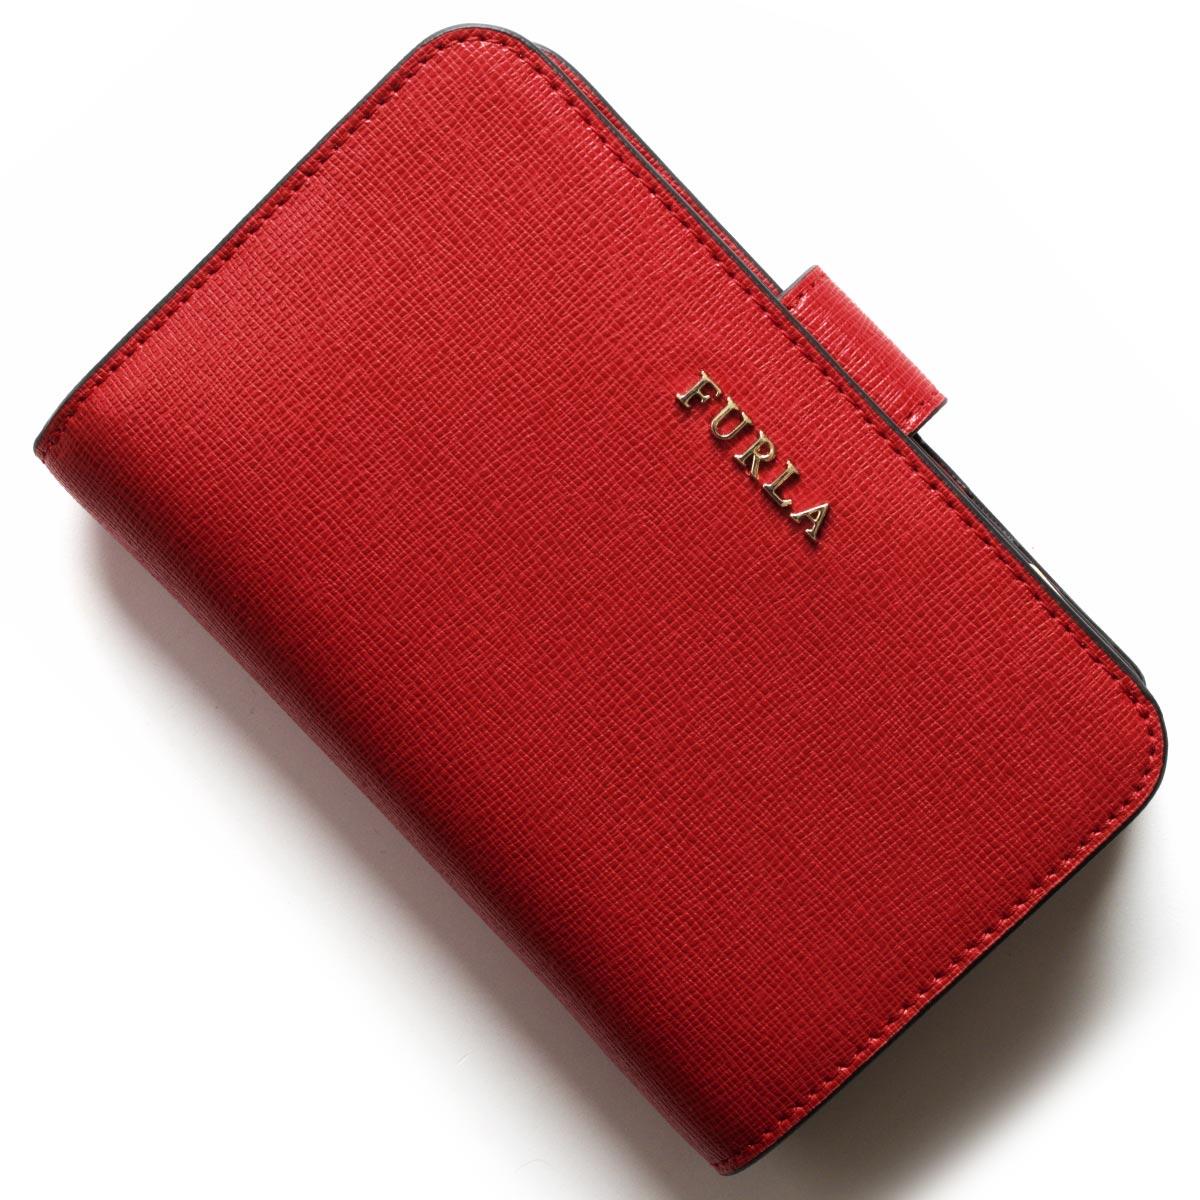 フルラ 二つ折り財布 財布 レディース バビロン ルビーレッド PR85 B30 RUB 875396 FURLA